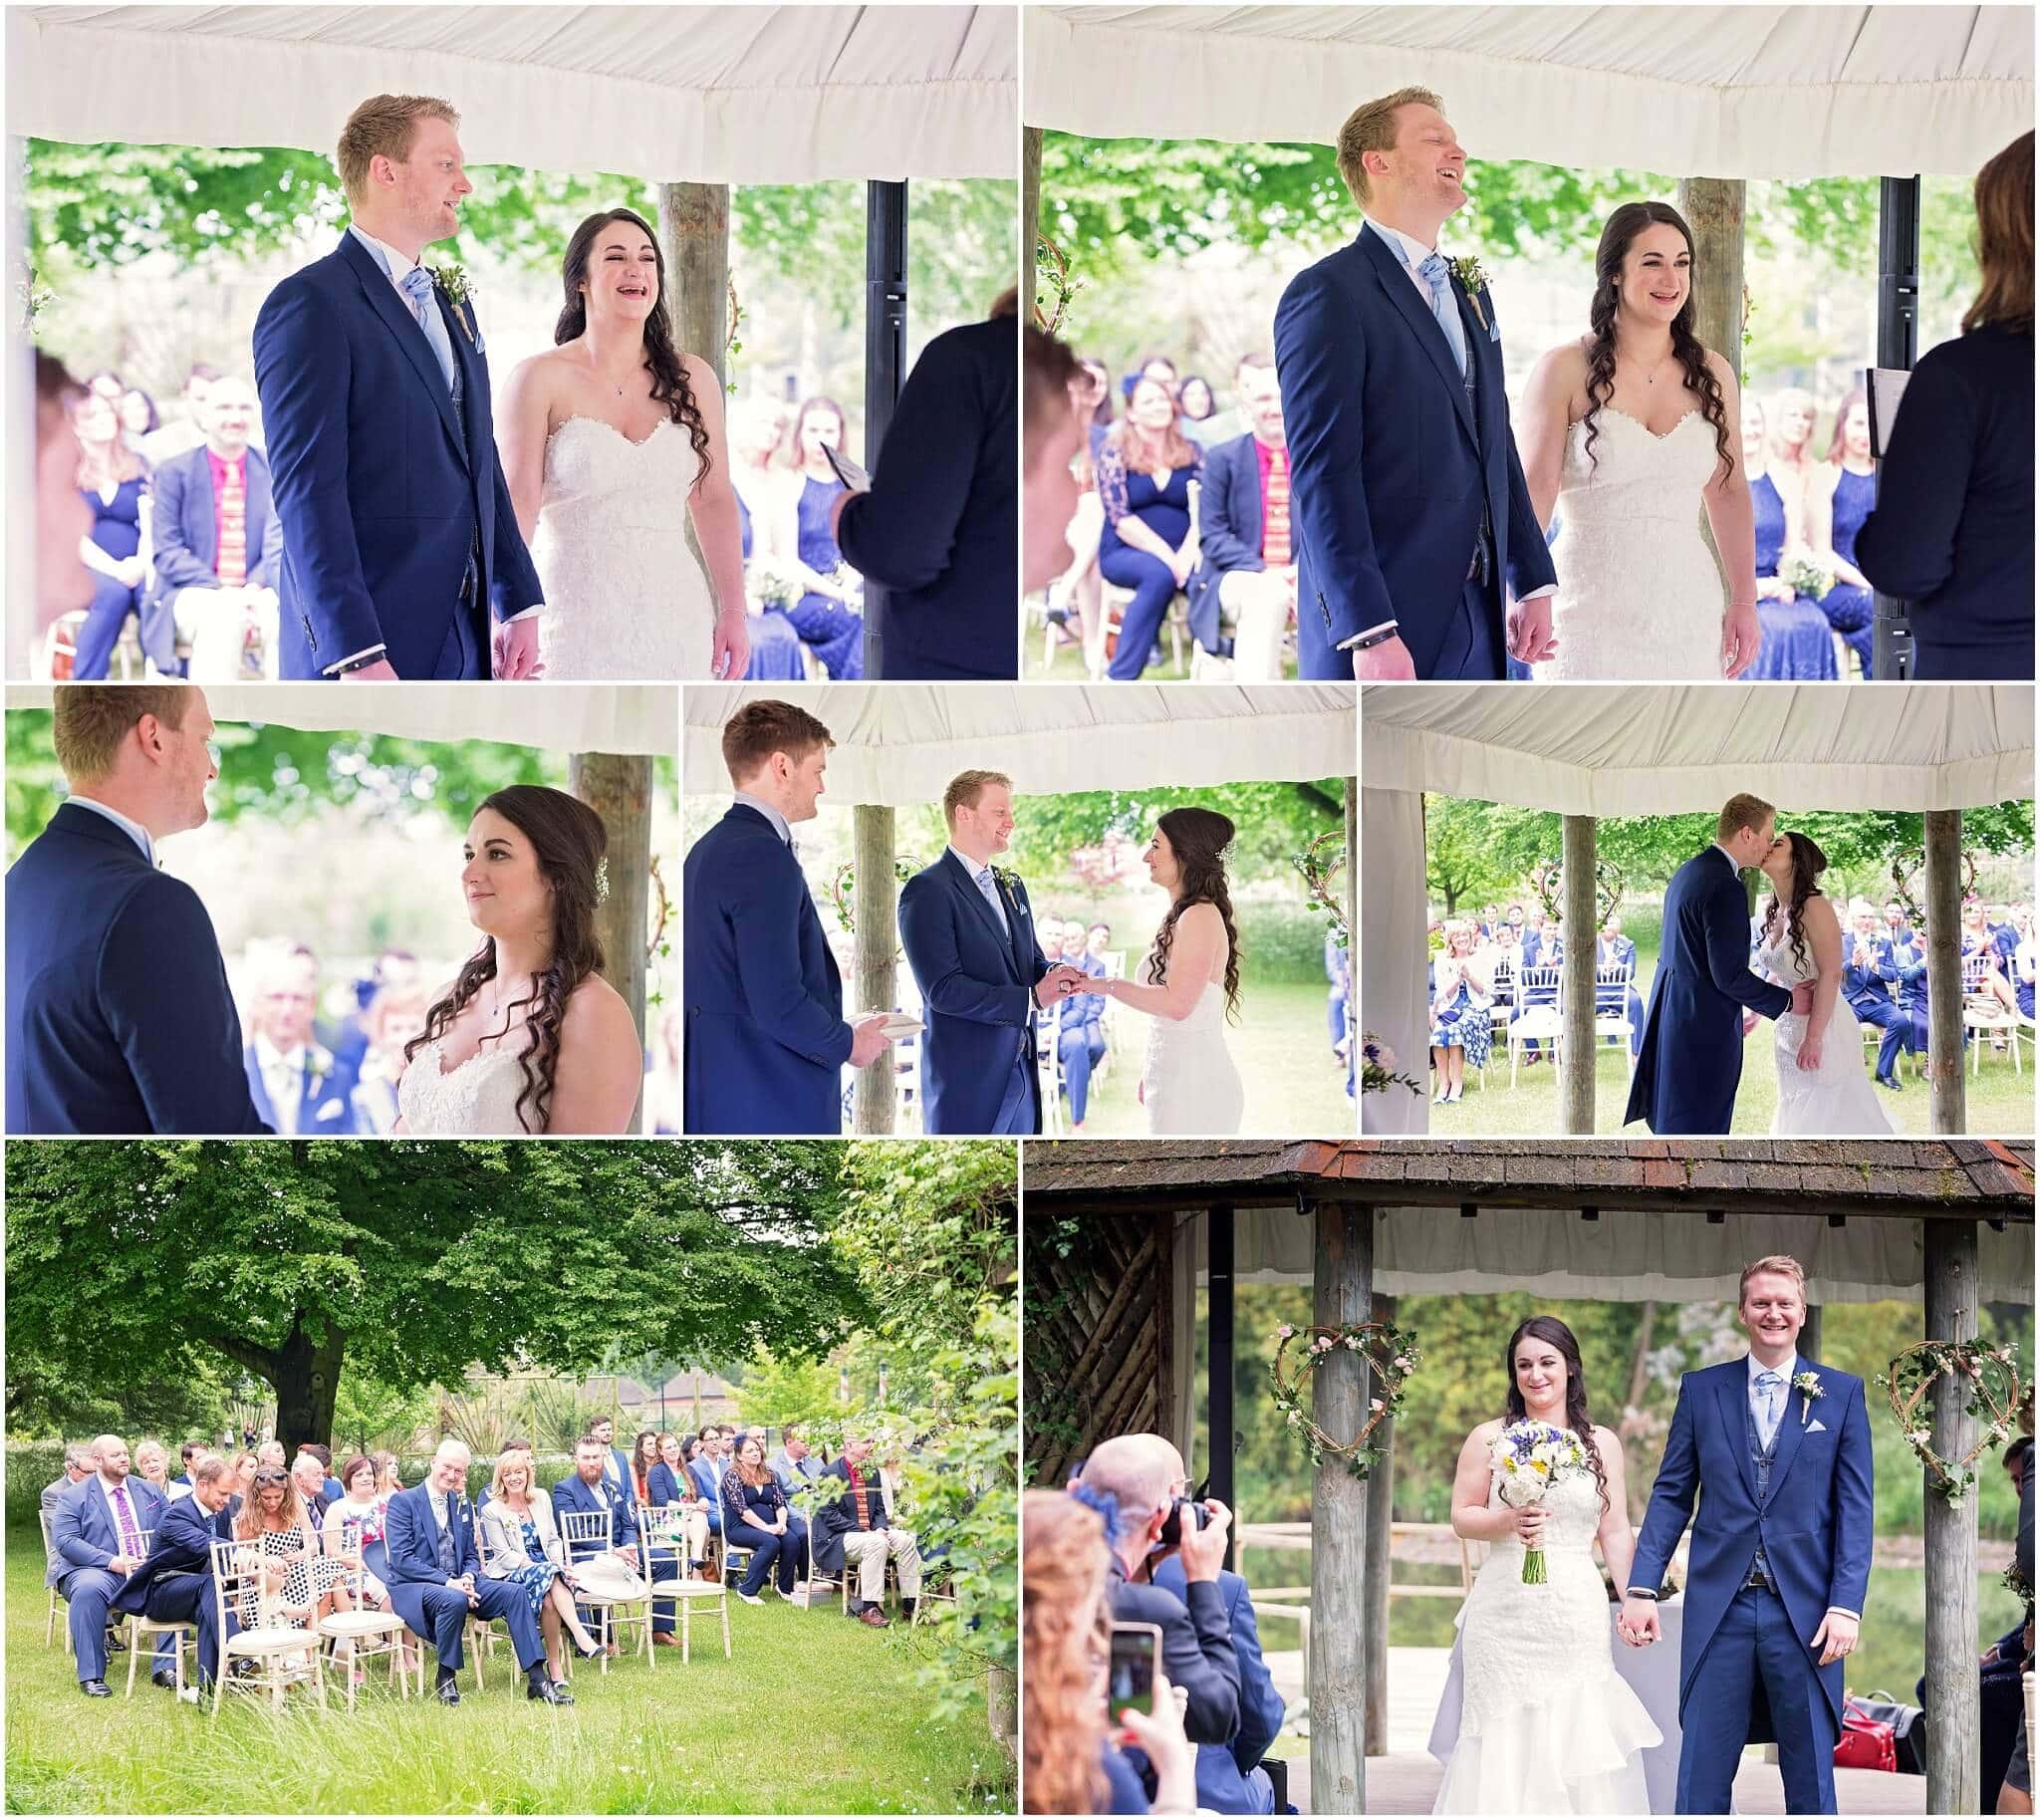 Chippenham Park Wedding Outside Ceremony